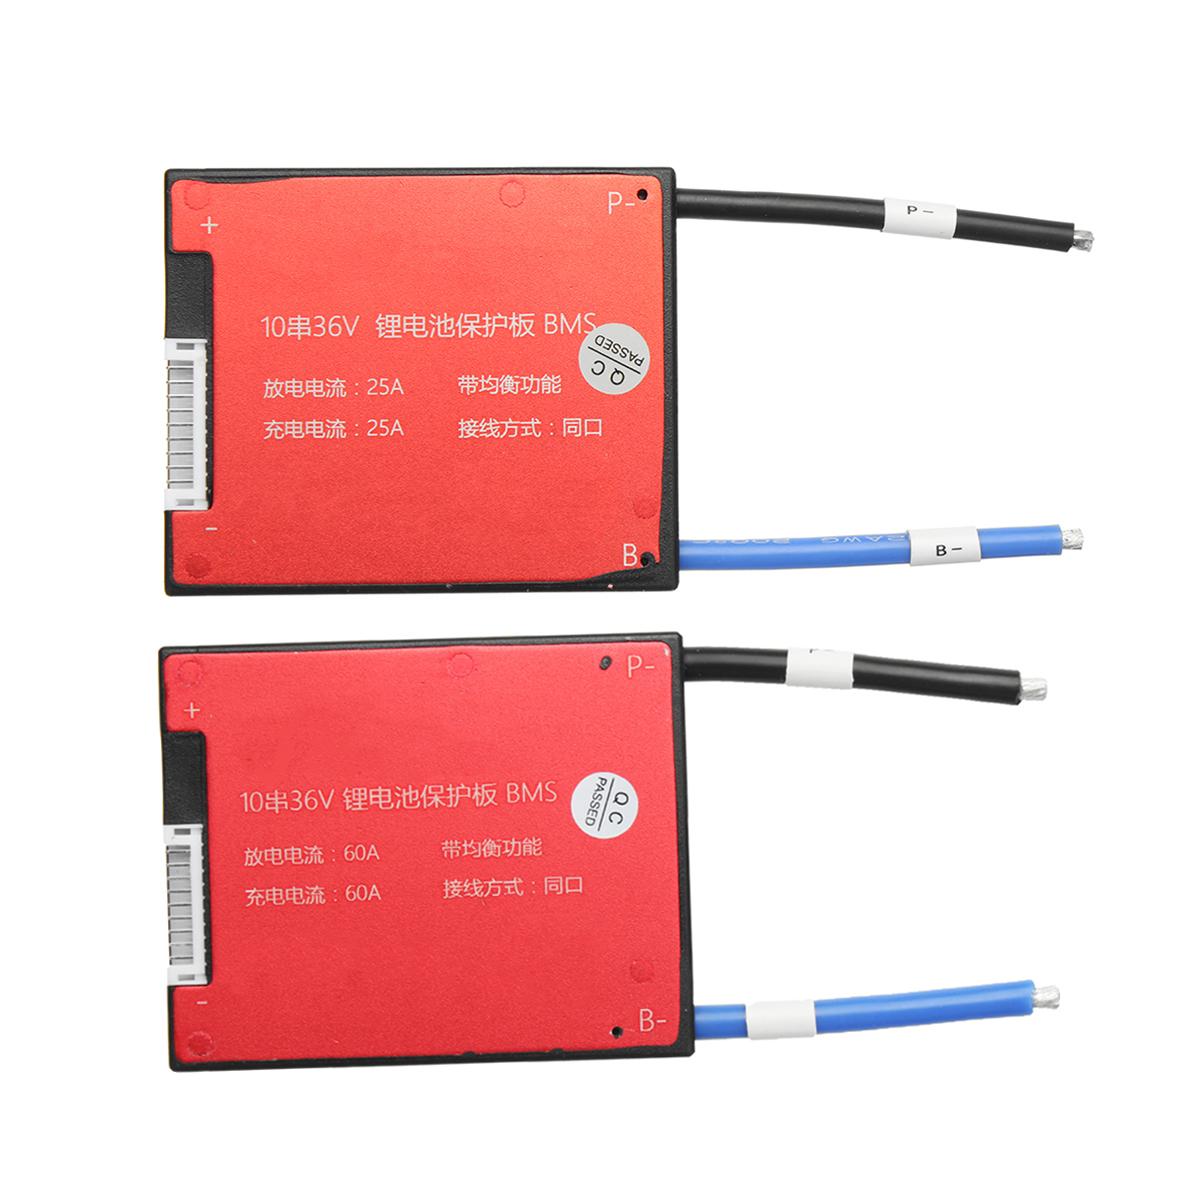 36V 10S Li-ion Lipolymer Battery 25A 60A BMS Battery Pr